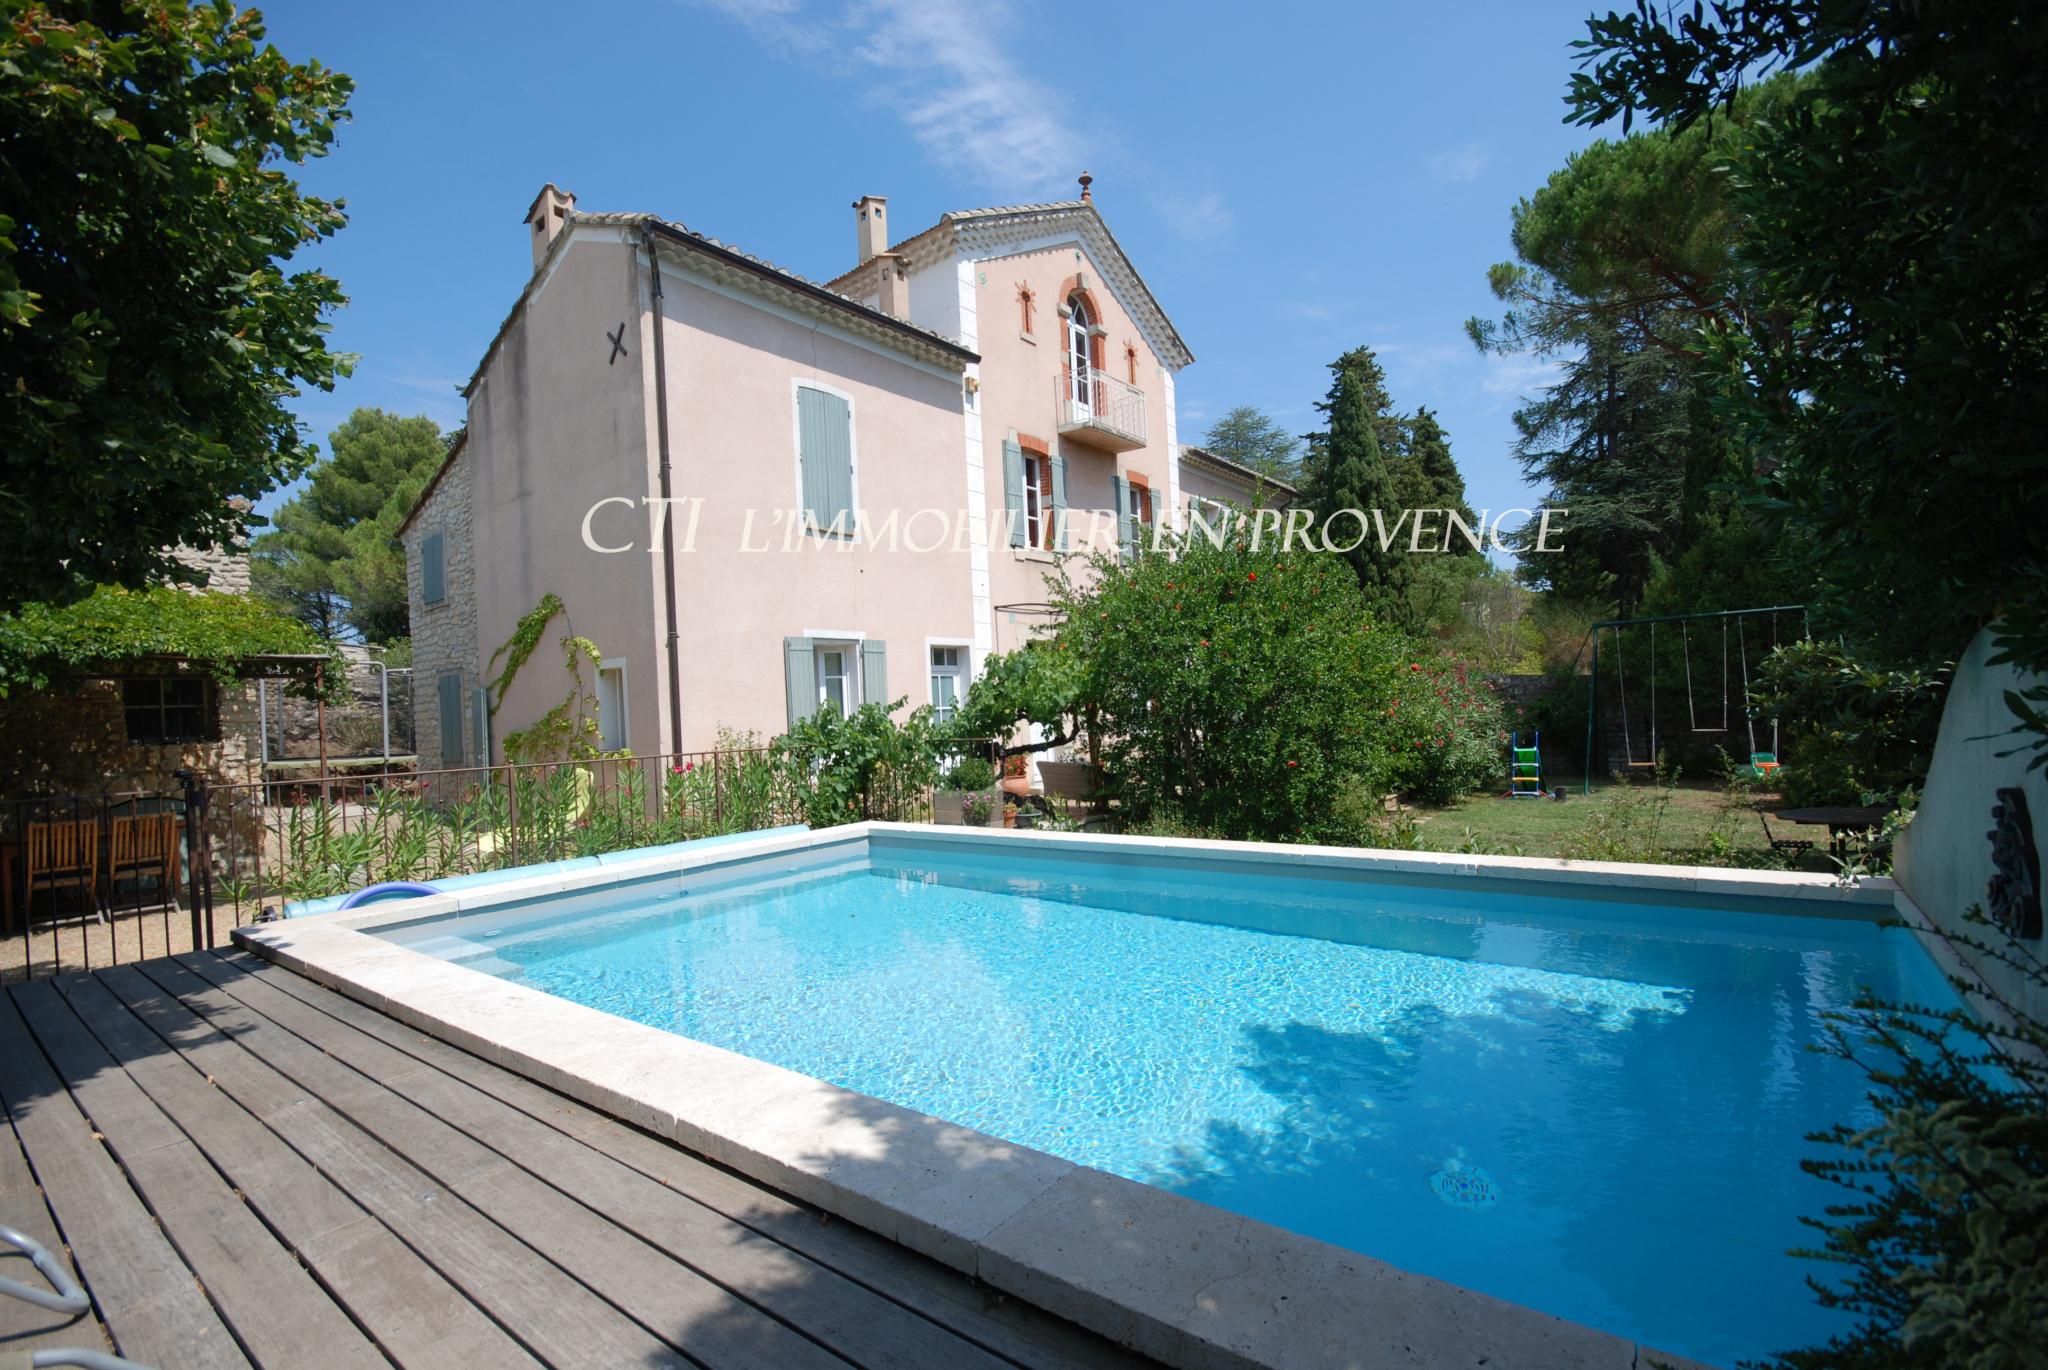 0 www.cti-provence.net VAISON-LA-ROMAINE DEMEURE CHARME MAISON  VILLE JARDIN PISCINE  PIED COMMERCES